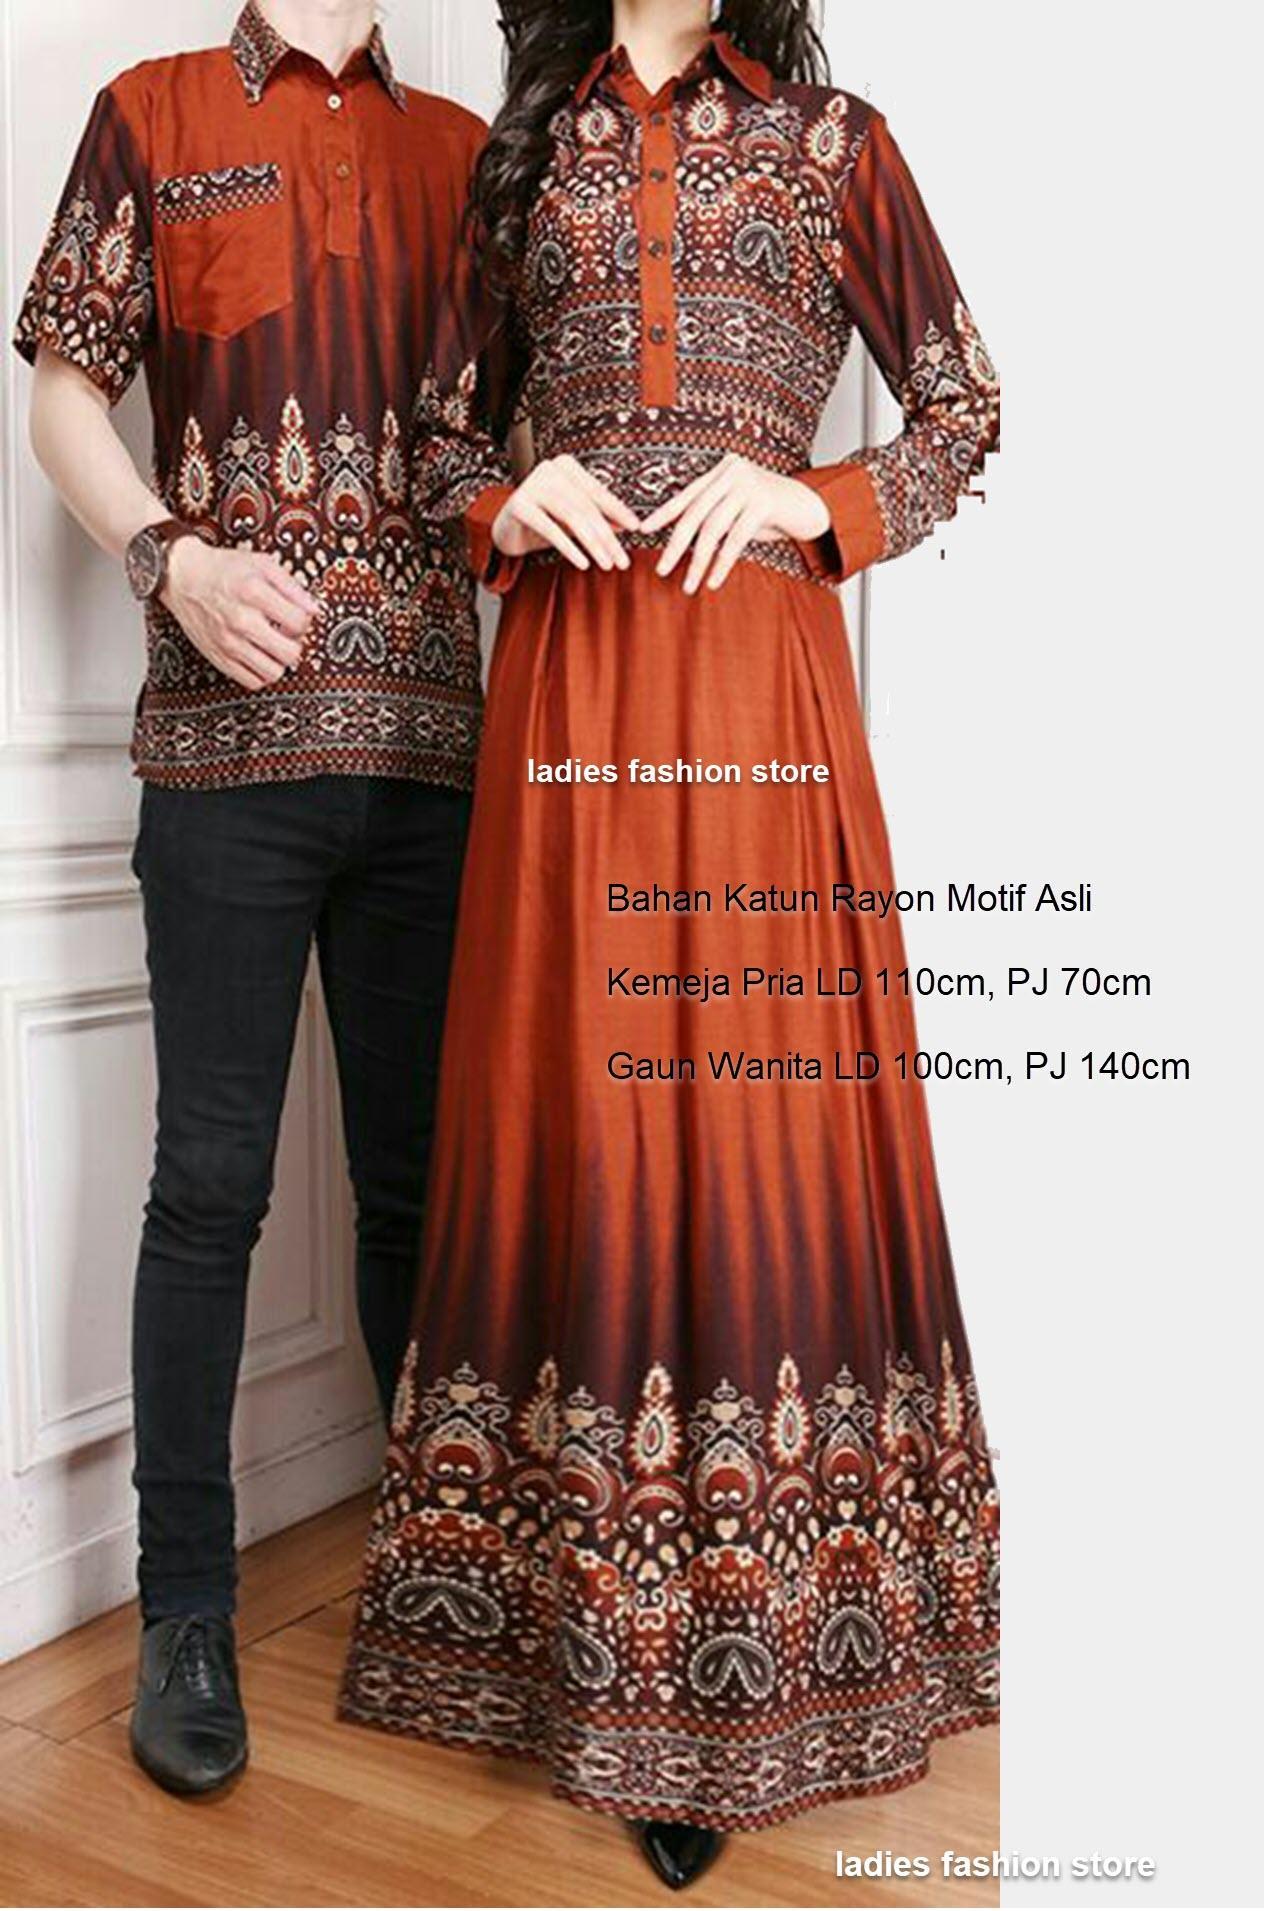 Batik Couple / Batik Pasangan Kembar / Batik Keluarga / Atasan Batik Pria / Atasan Batik Wanita / Kemeja Batik Pria Muslim / Batik Pria dan Wanita / Dress Batik Wanita / Batik Model Baru / Kemeja Murah / Batik Berkualitas / Batik Adem (rtikaka) 7T- COKLAT